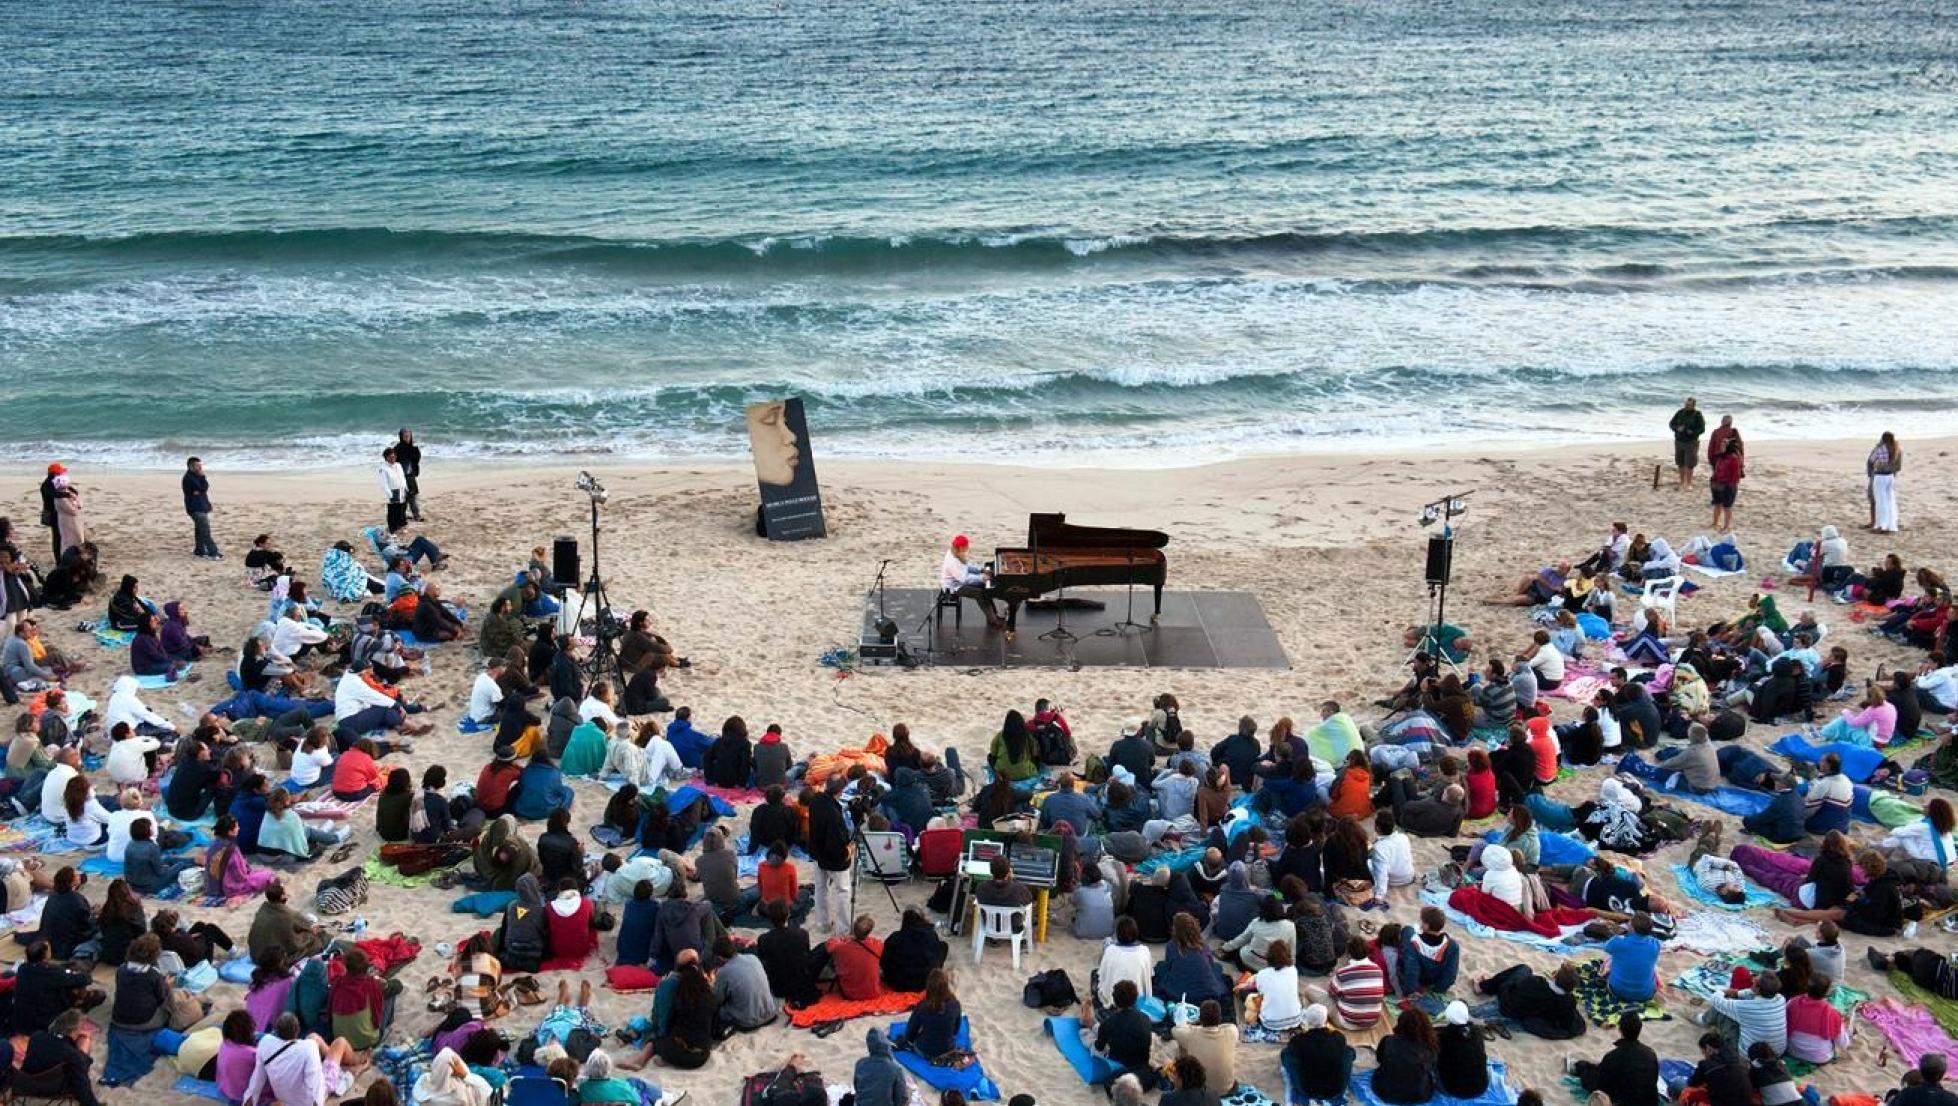 Musiche sulle bocche - concerto  in spiaggia